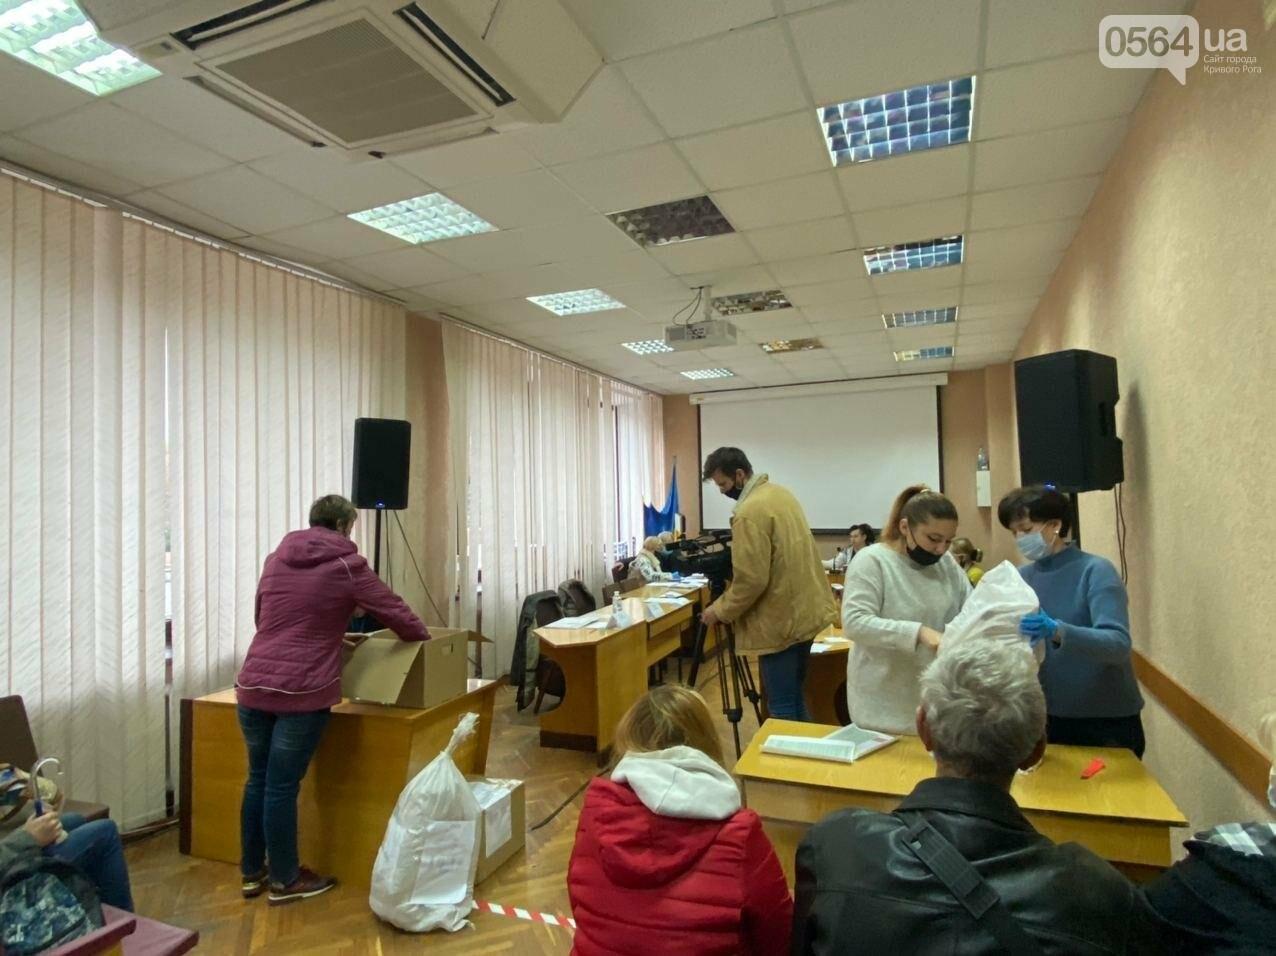 Криворожская ТИК приняла решение о повторном подсчете голосов на 5 избирательных участках, - ФОТО, ВИДЕО , фото-8